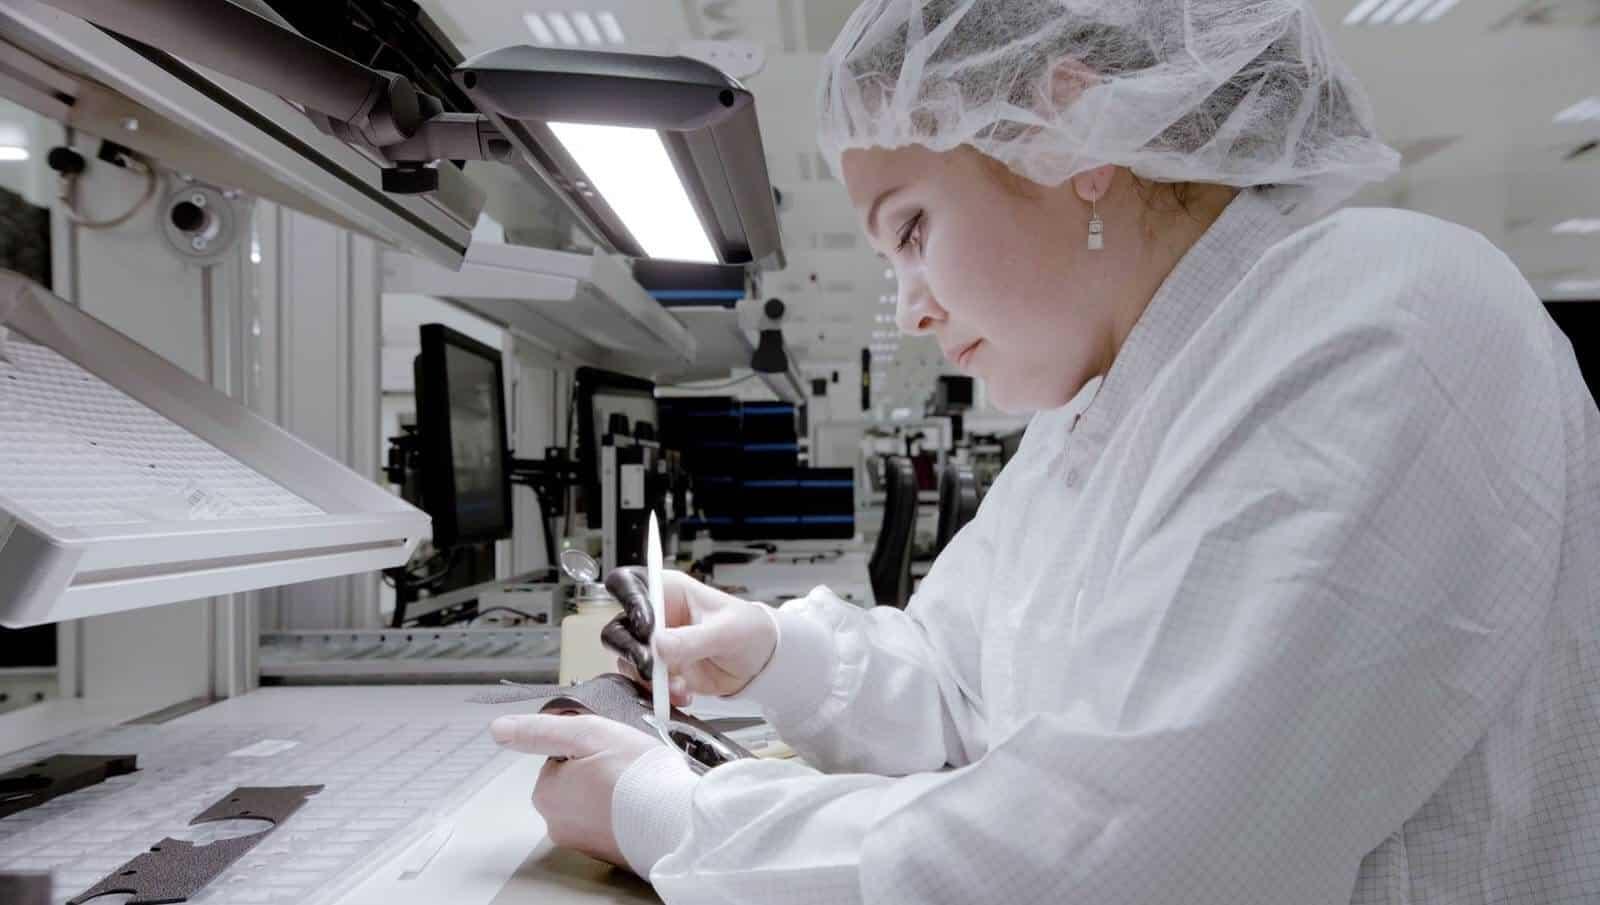 Fabricando Leica M10 Alemanha